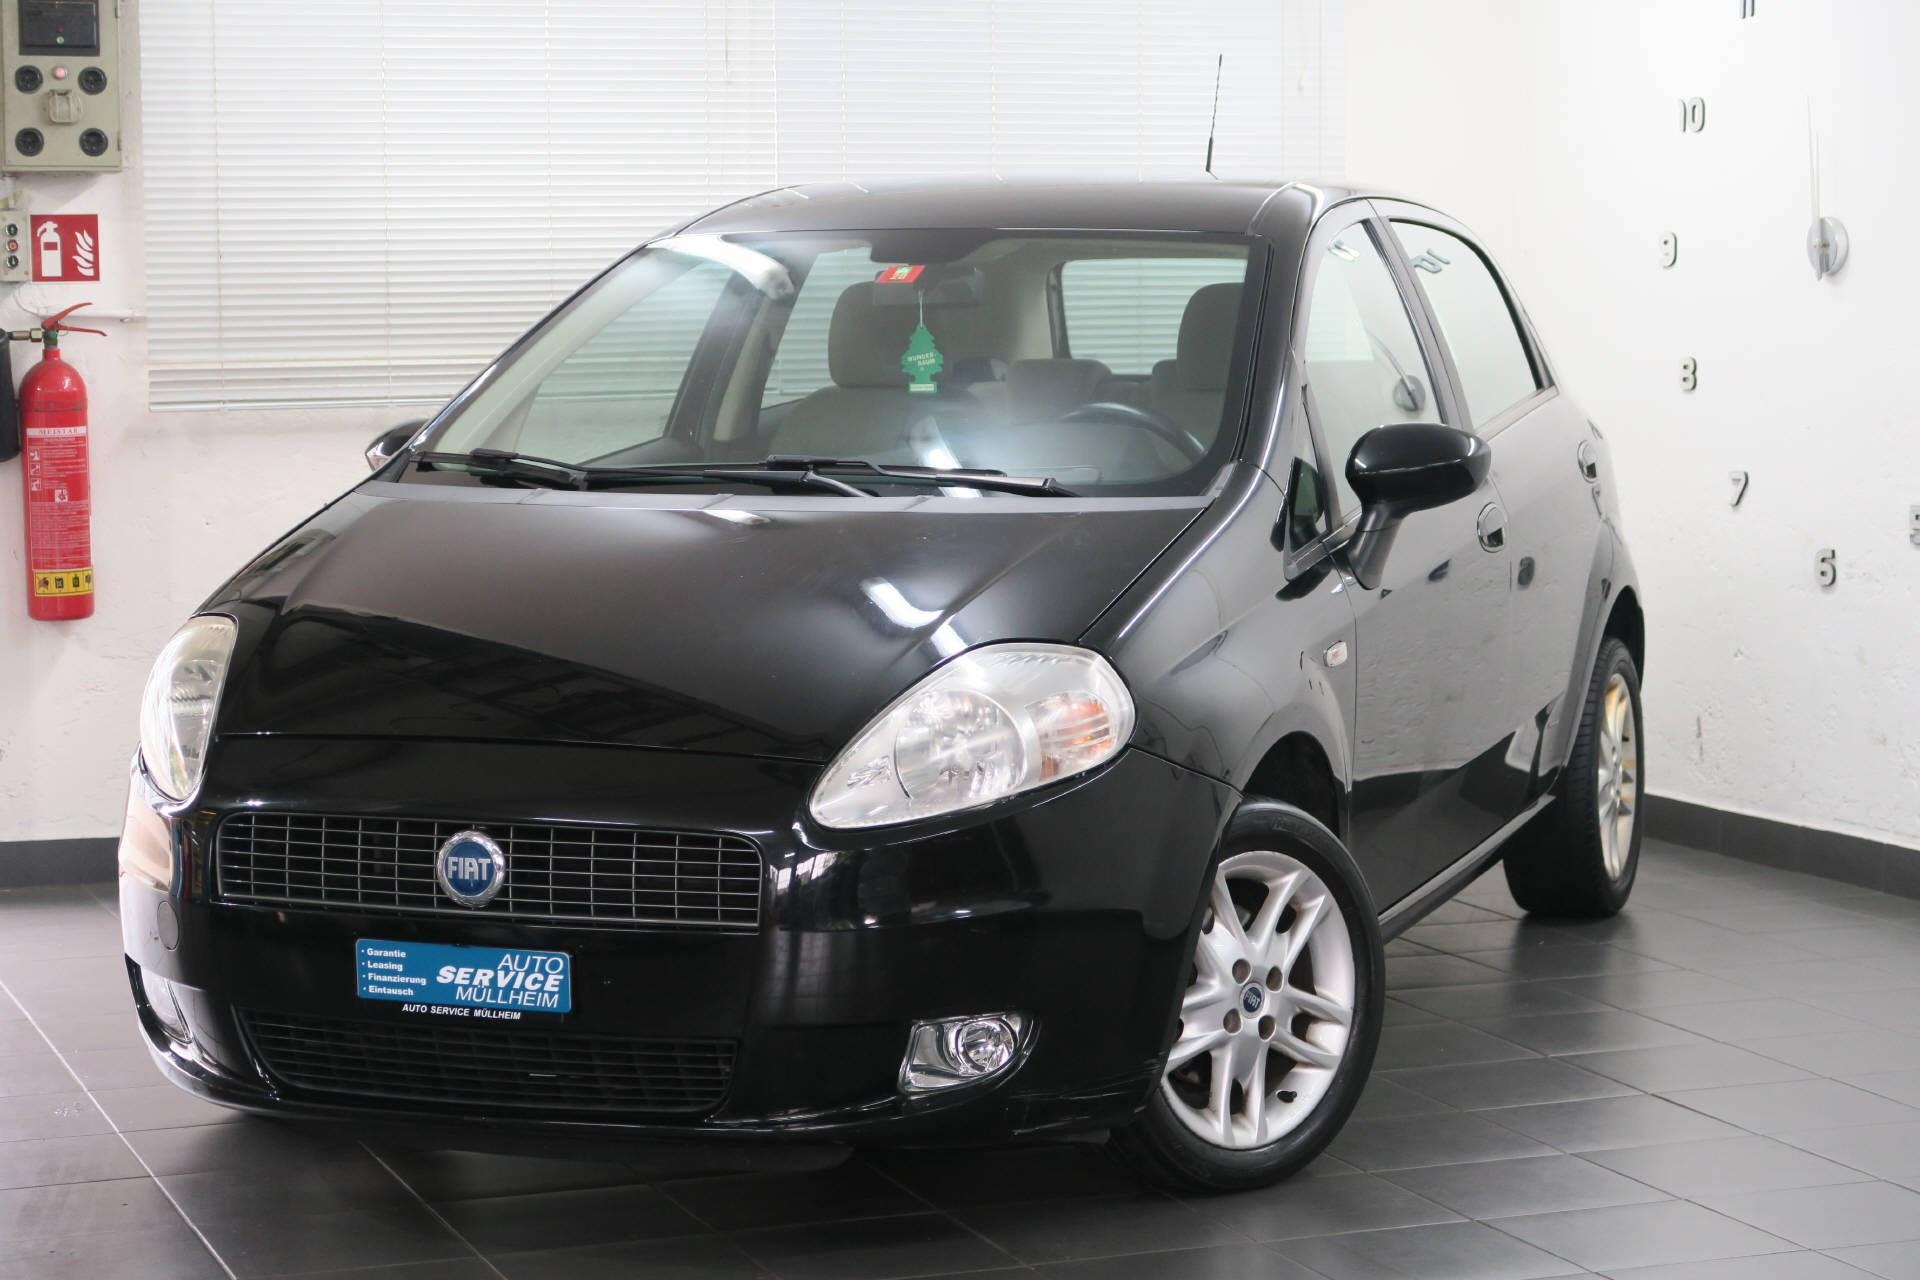 saloon Fiat Punto 1.4 16V 95 Dynamic